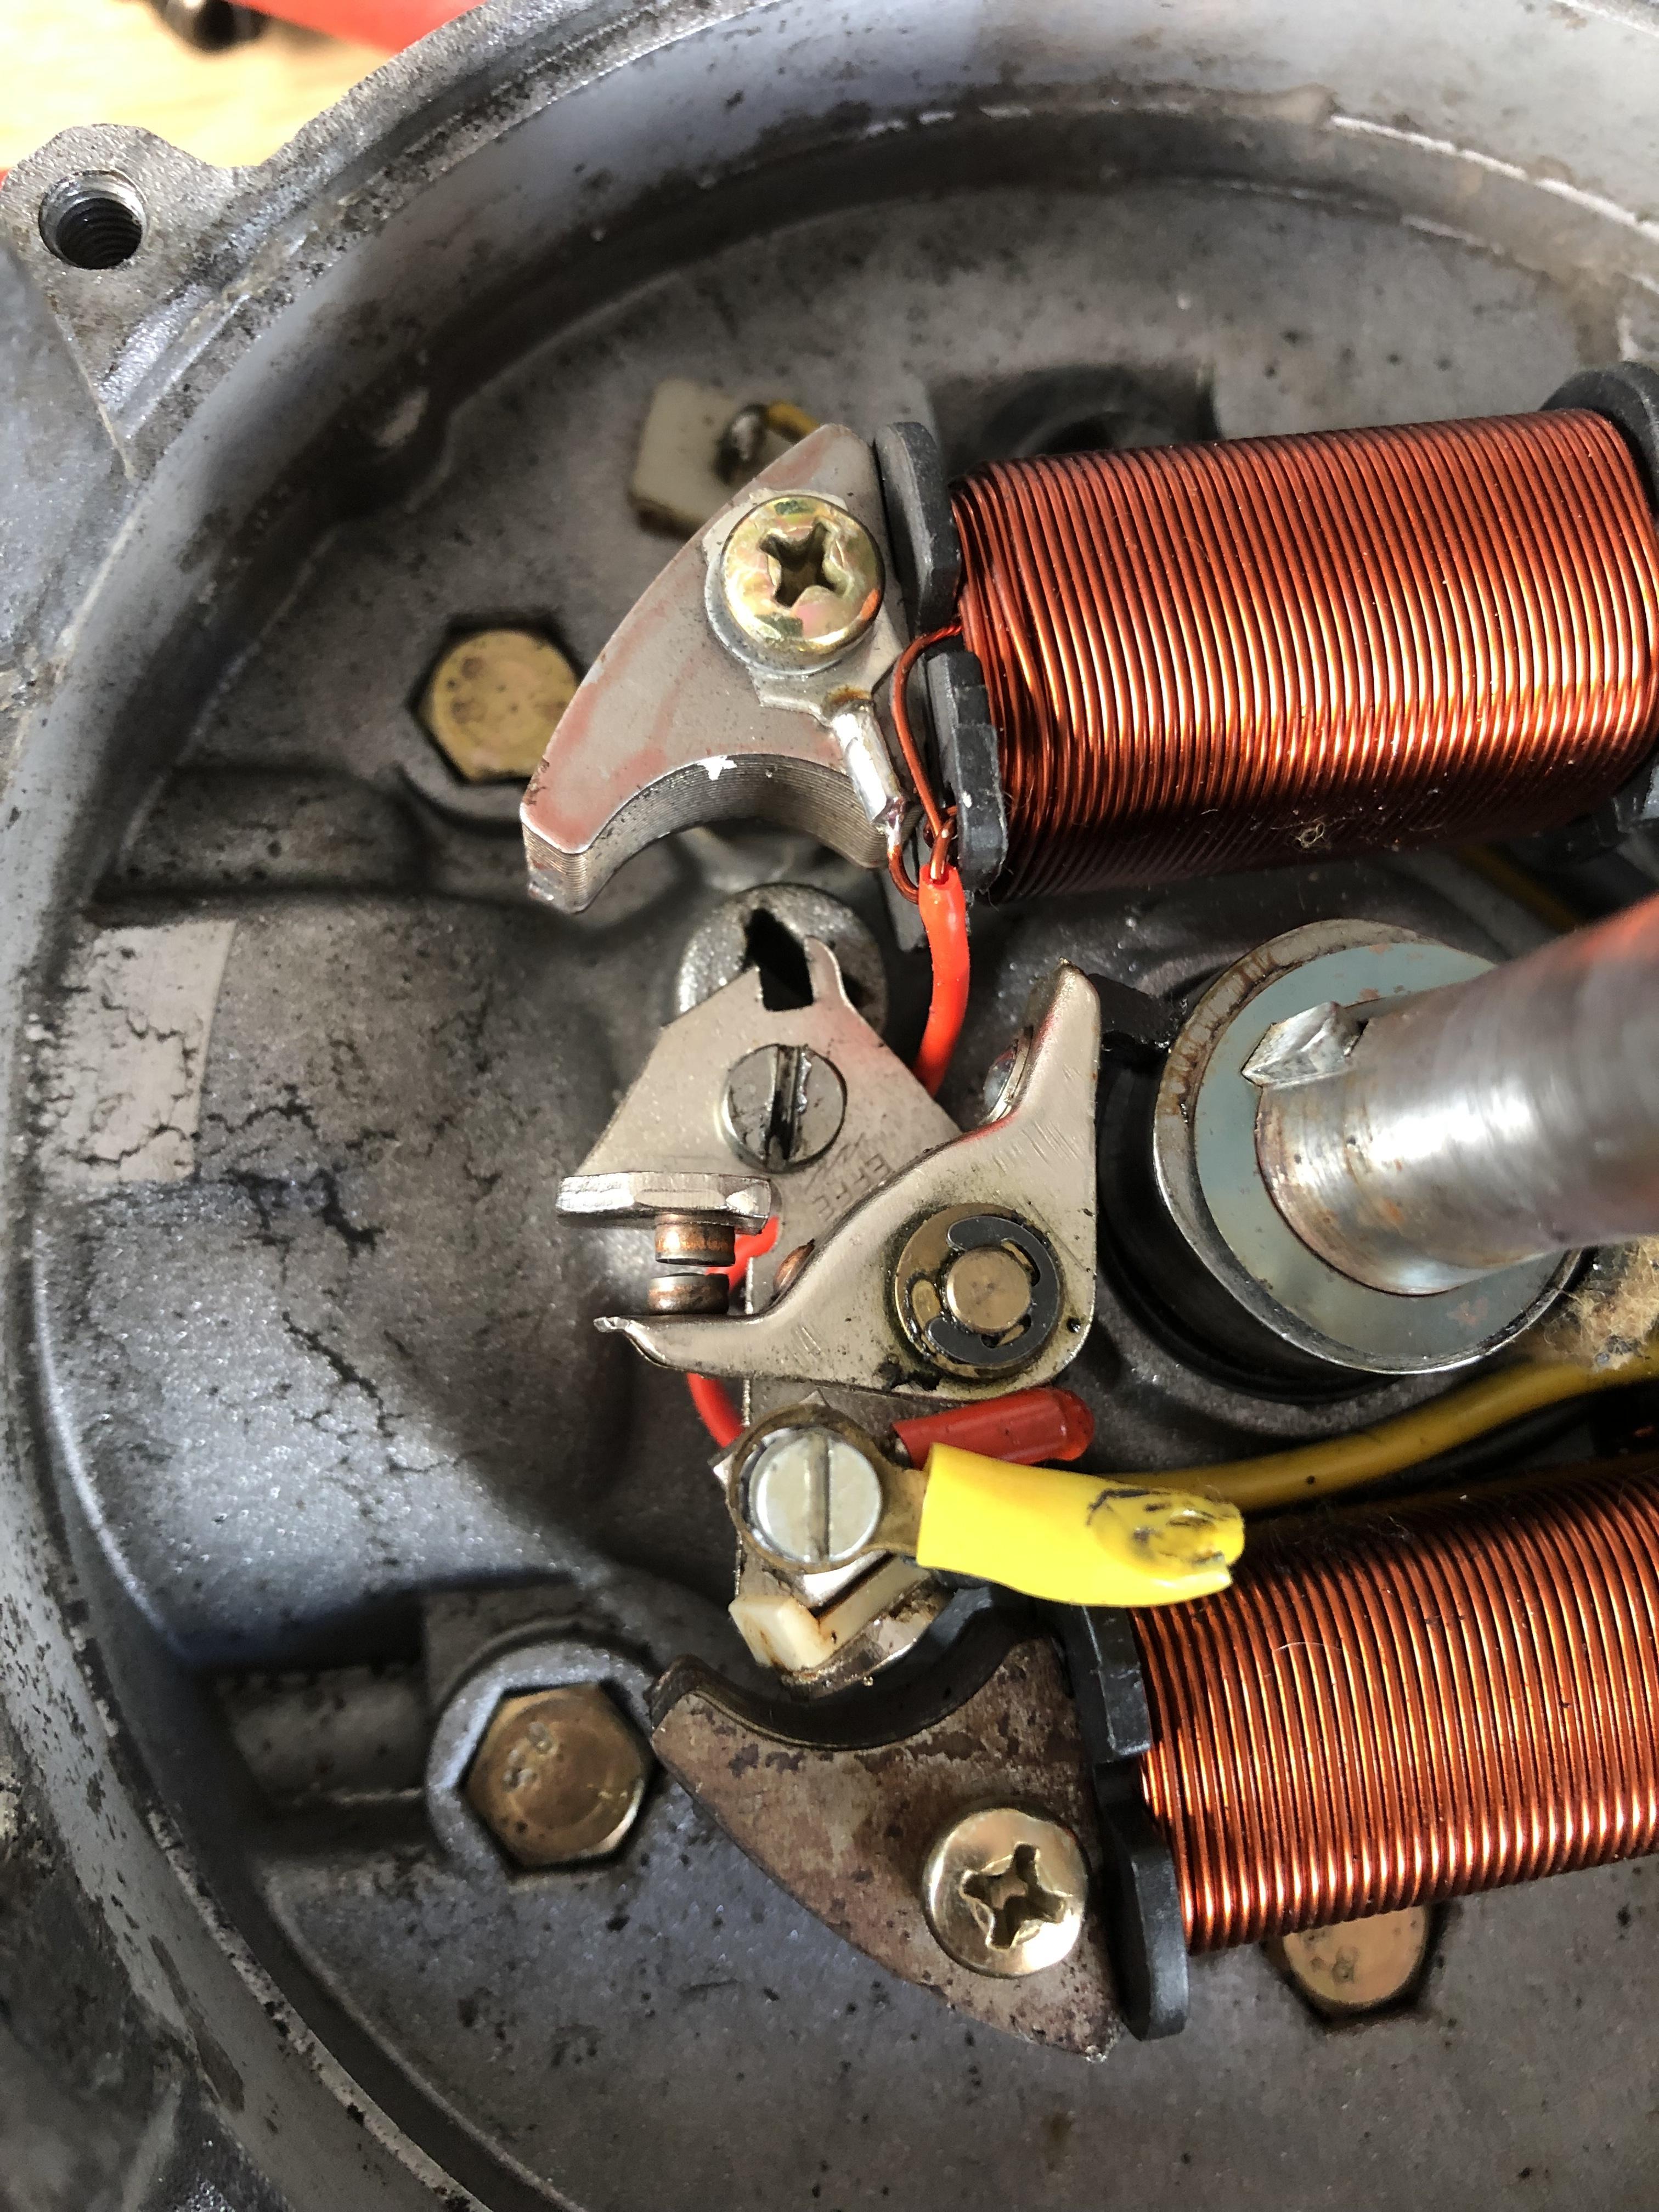 D3C109AD-C6CC-4640-95A1-3B2A90BC564E